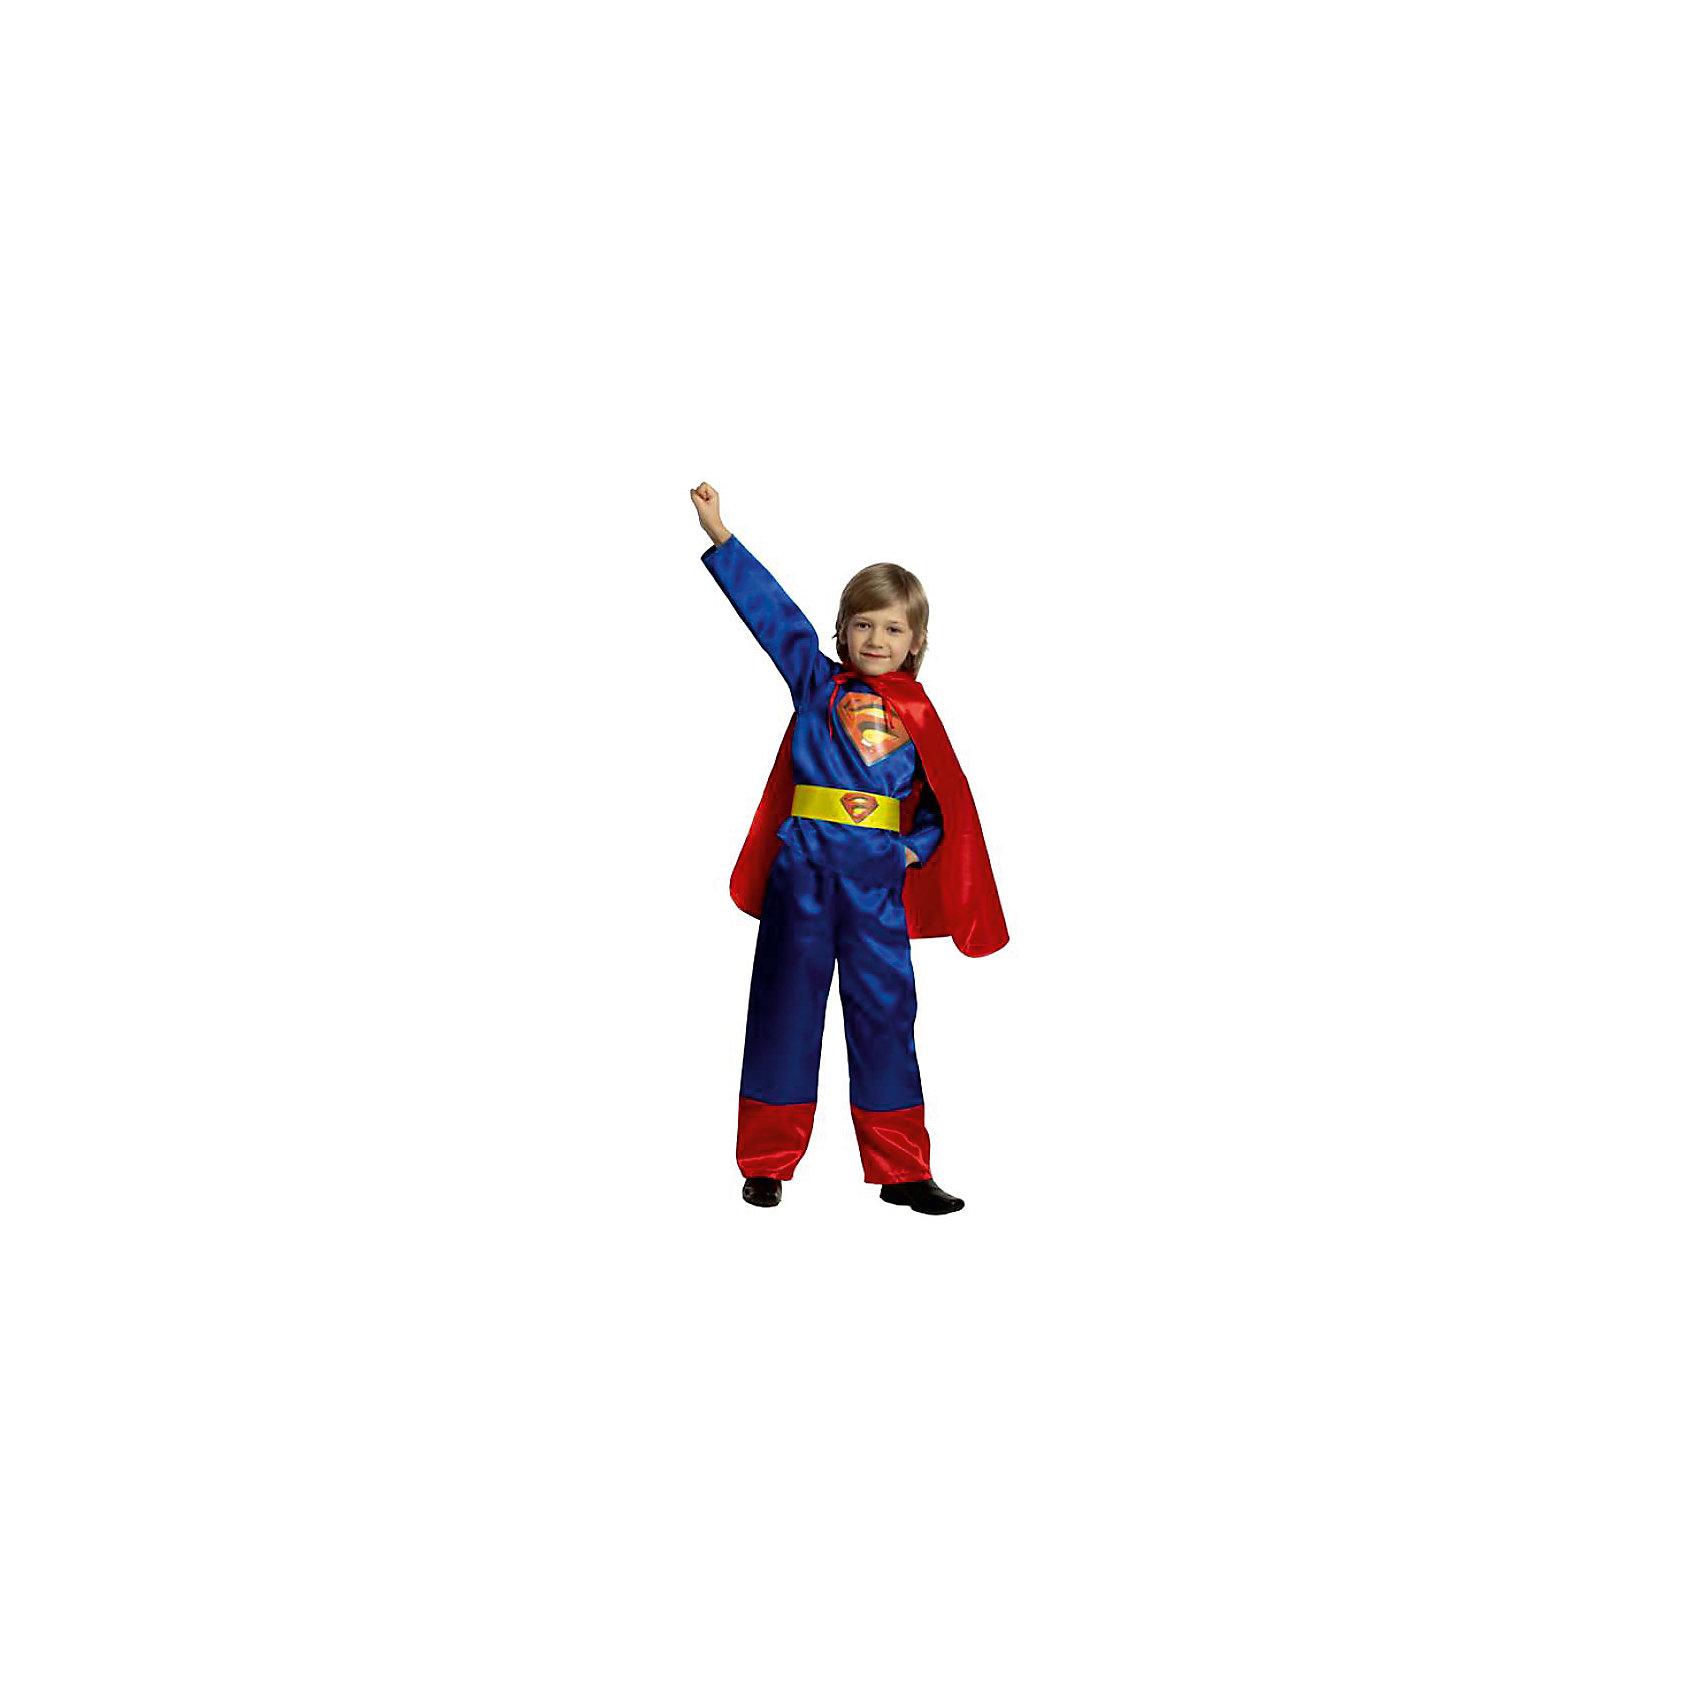 Карнавальный костюм Супермен (текстиль), БатикКарнавальный костюм Супермен (текстиль), Батик<br><br>Характеристики:<br><br>• Материал: бархат (100% полиэстер). <br>• Цвет: синий, красный.<br><br>В комплекте:<br><br>• брюки;<br>• куртка;<br>• плащ;<br>• пояс.<br><br>Образ Супермена хотел бы примерить на себя каждый мальчишка. Этот карнавальный костюм предоставит такую возможность вашему мальчику и станет для него прекрасным подарком. Брюки прямого покроя, пояс собран на резинке. Плащ крепится на завязках. Куртка и пояс декорированы эмблемой супермена. В таком карнавальном костюме, «Супермен»,  ваш мальчик получит максимальное удовольствие от праздника и подарит радость окружающим!<br><br>Карнавальный костюм Супермен, Батик можно купить в нашем интернет – магазине.<br><br>Ширина мм: 500<br>Глубина мм: 50<br>Высота мм: 700<br>Вес г: 600<br>Цвет: разноцветный<br>Возраст от месяцев: 36<br>Возраст до месяцев: 48<br>Пол: Мужской<br>Возраст: Детский<br>Размер: 26,30,28,28<br>SKU: 5092599